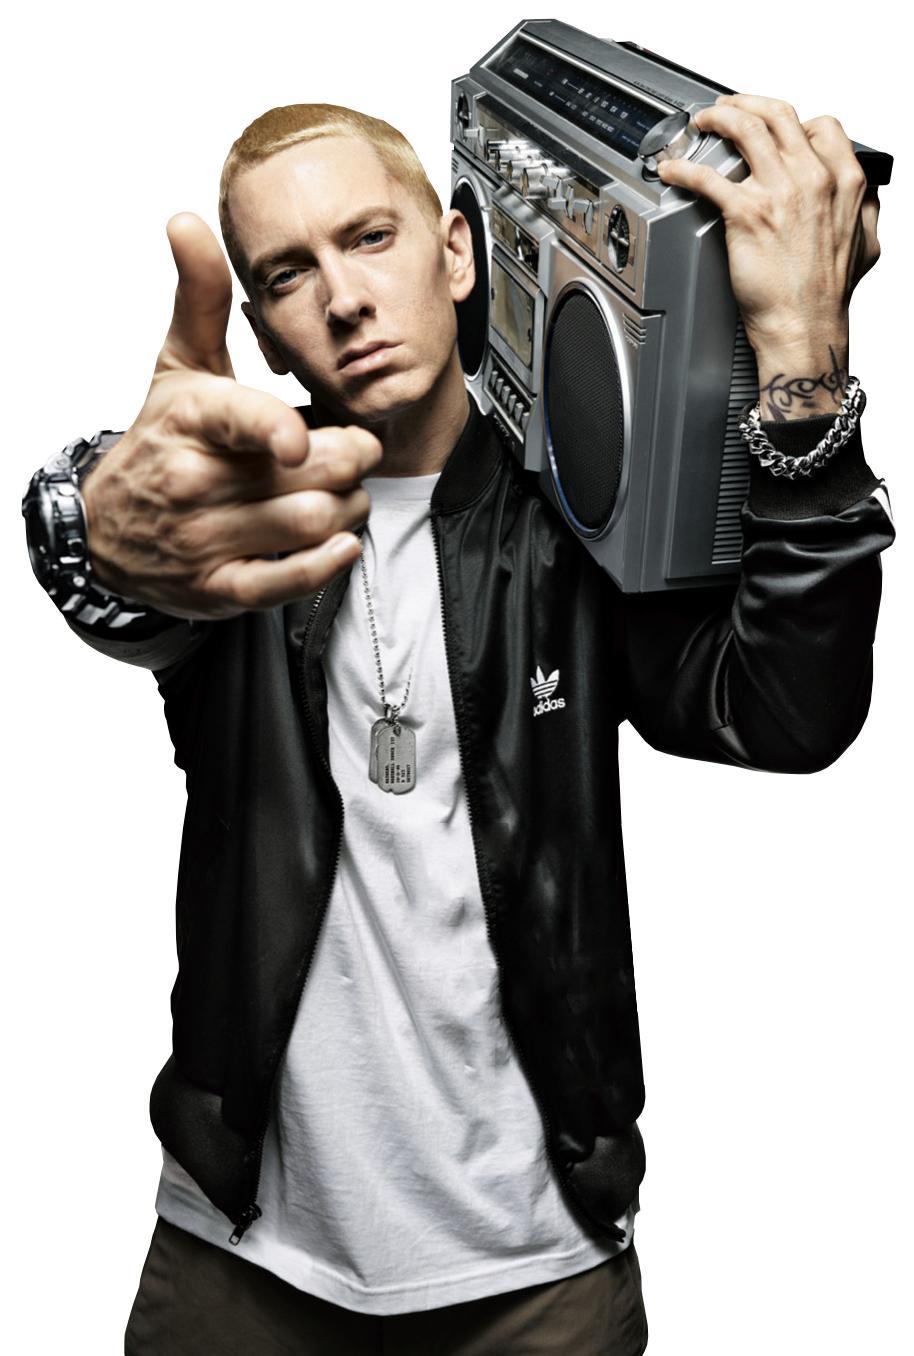 #МУЗКалендарь Сегодня отмечают день рождения  @Eminem и @Dorn_ivan! В 16:00 смотрите на МУЗ-ТВ Битву Фанклубов именинников! https://t.co/0YP2R0Ycx4